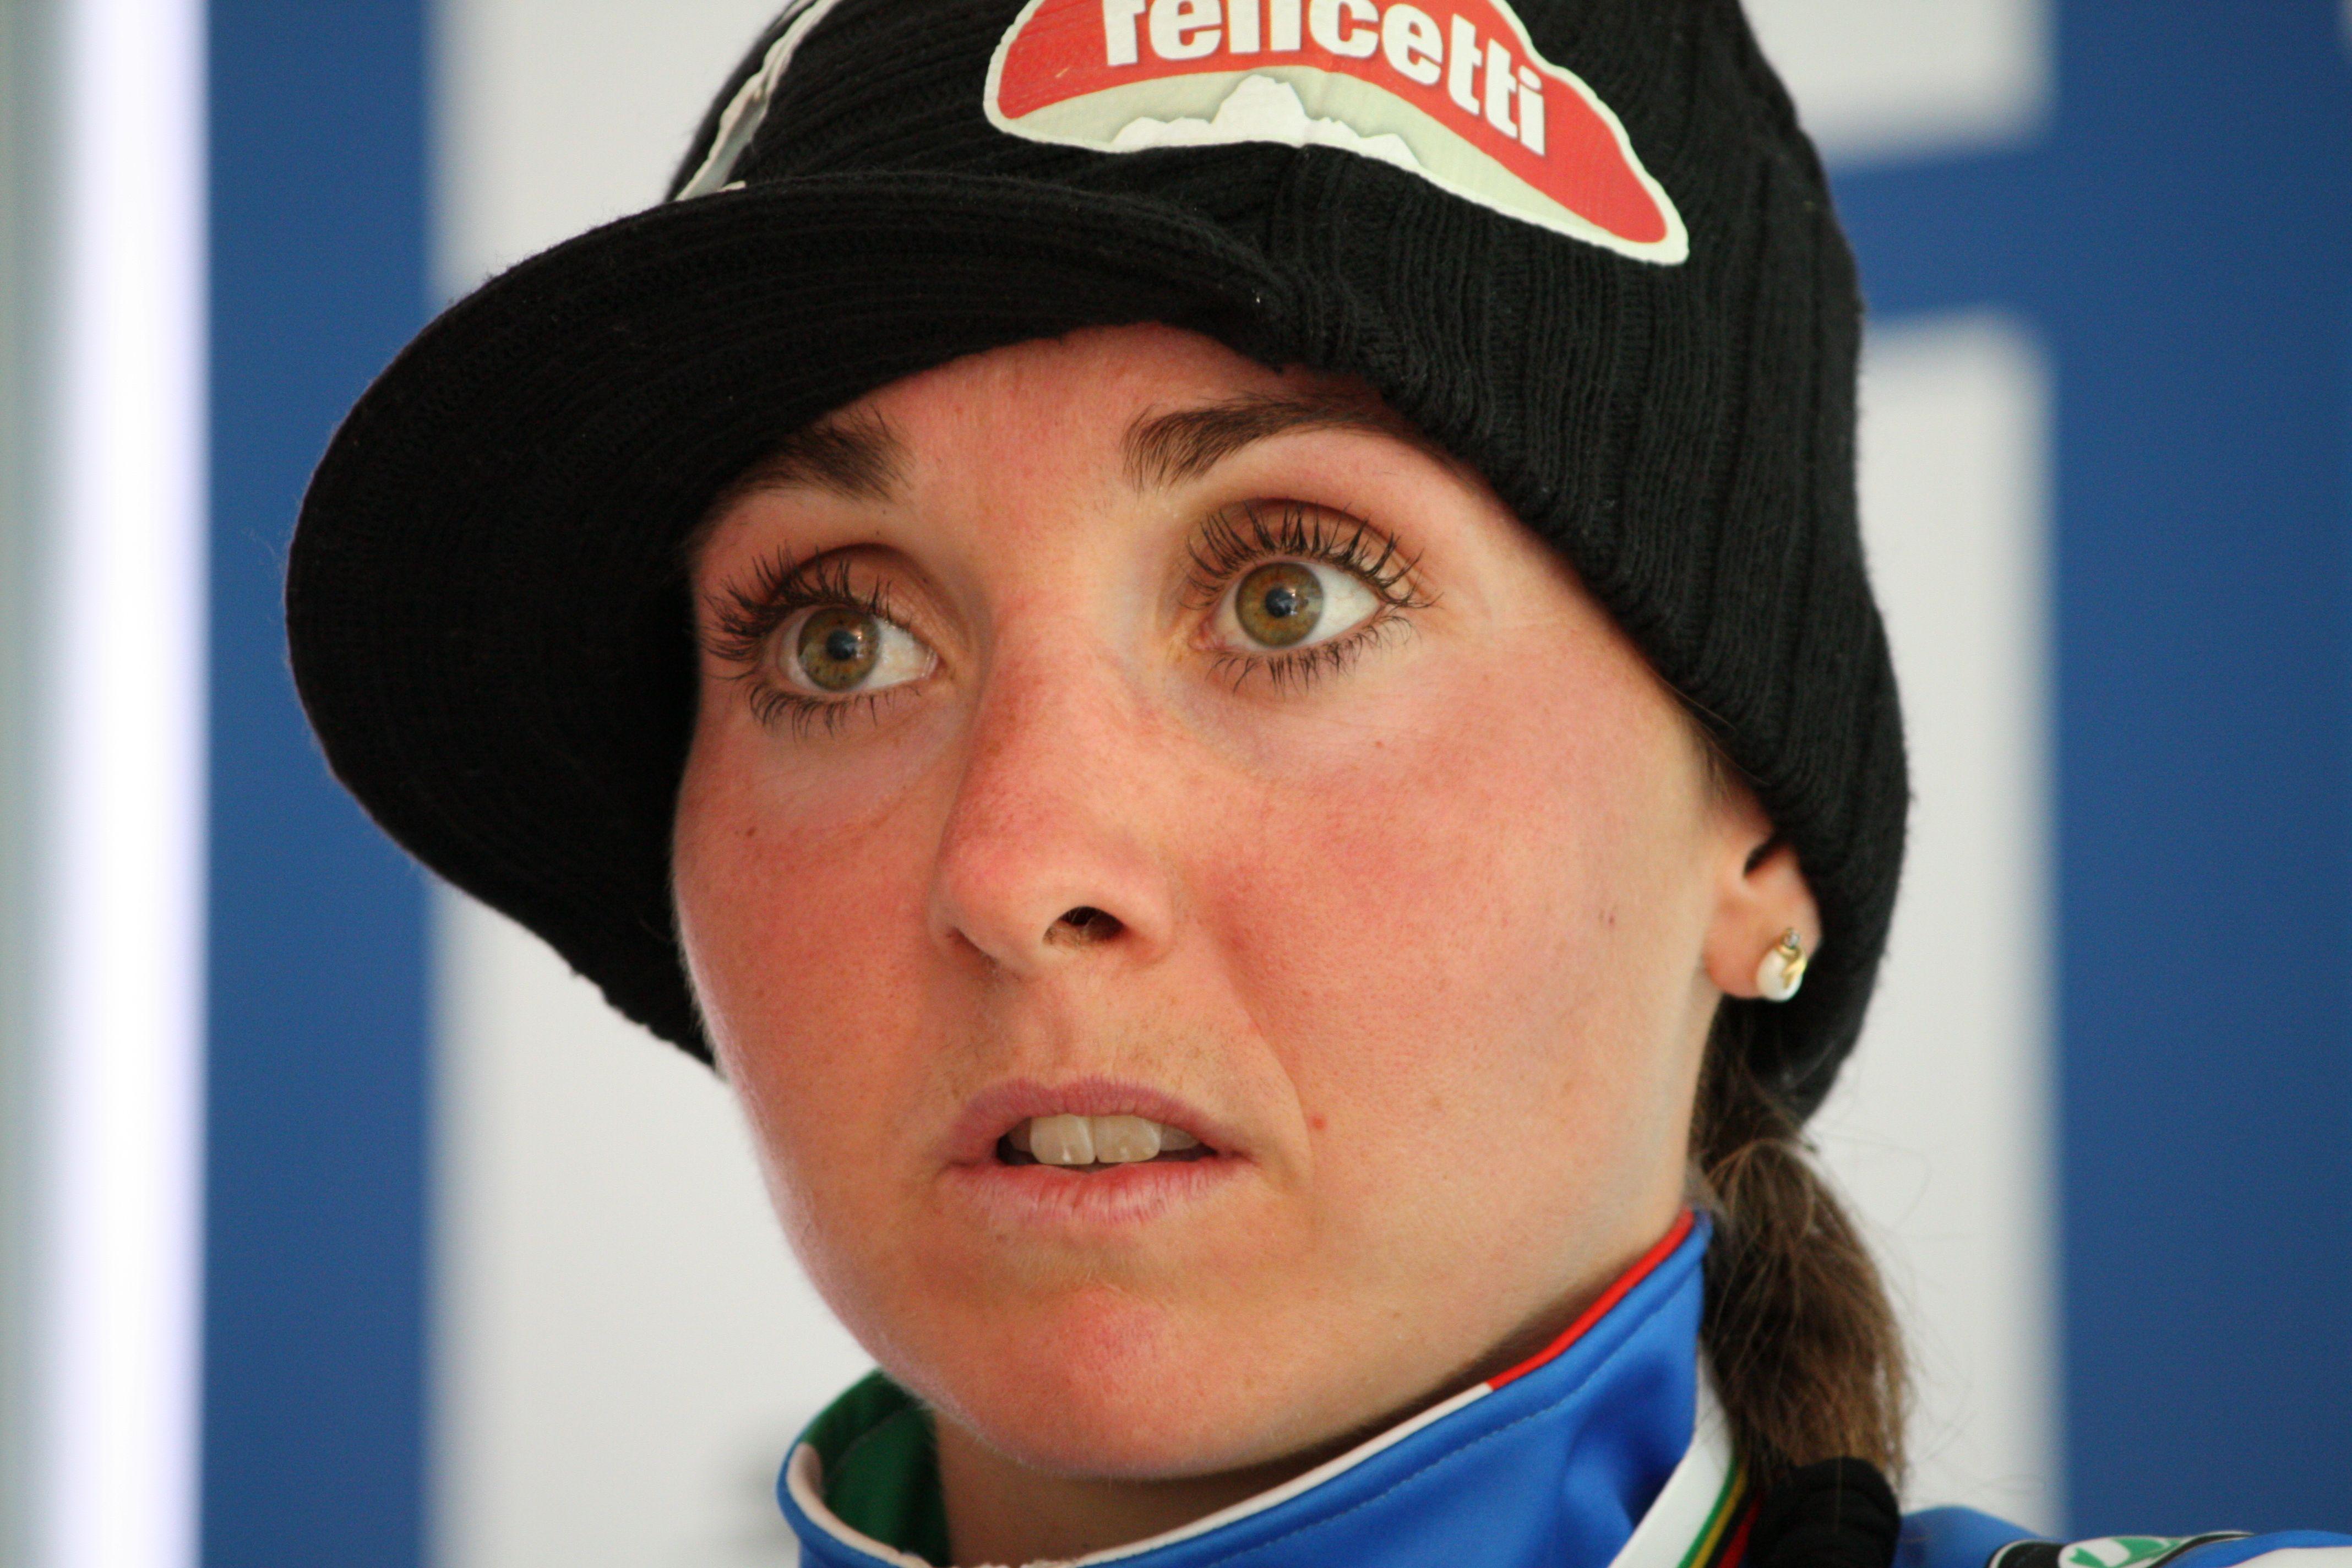 Eva Lechner verrast de wereldtop. Sanne Cant zorgt voor unicum met eindwinst in wereldbeker